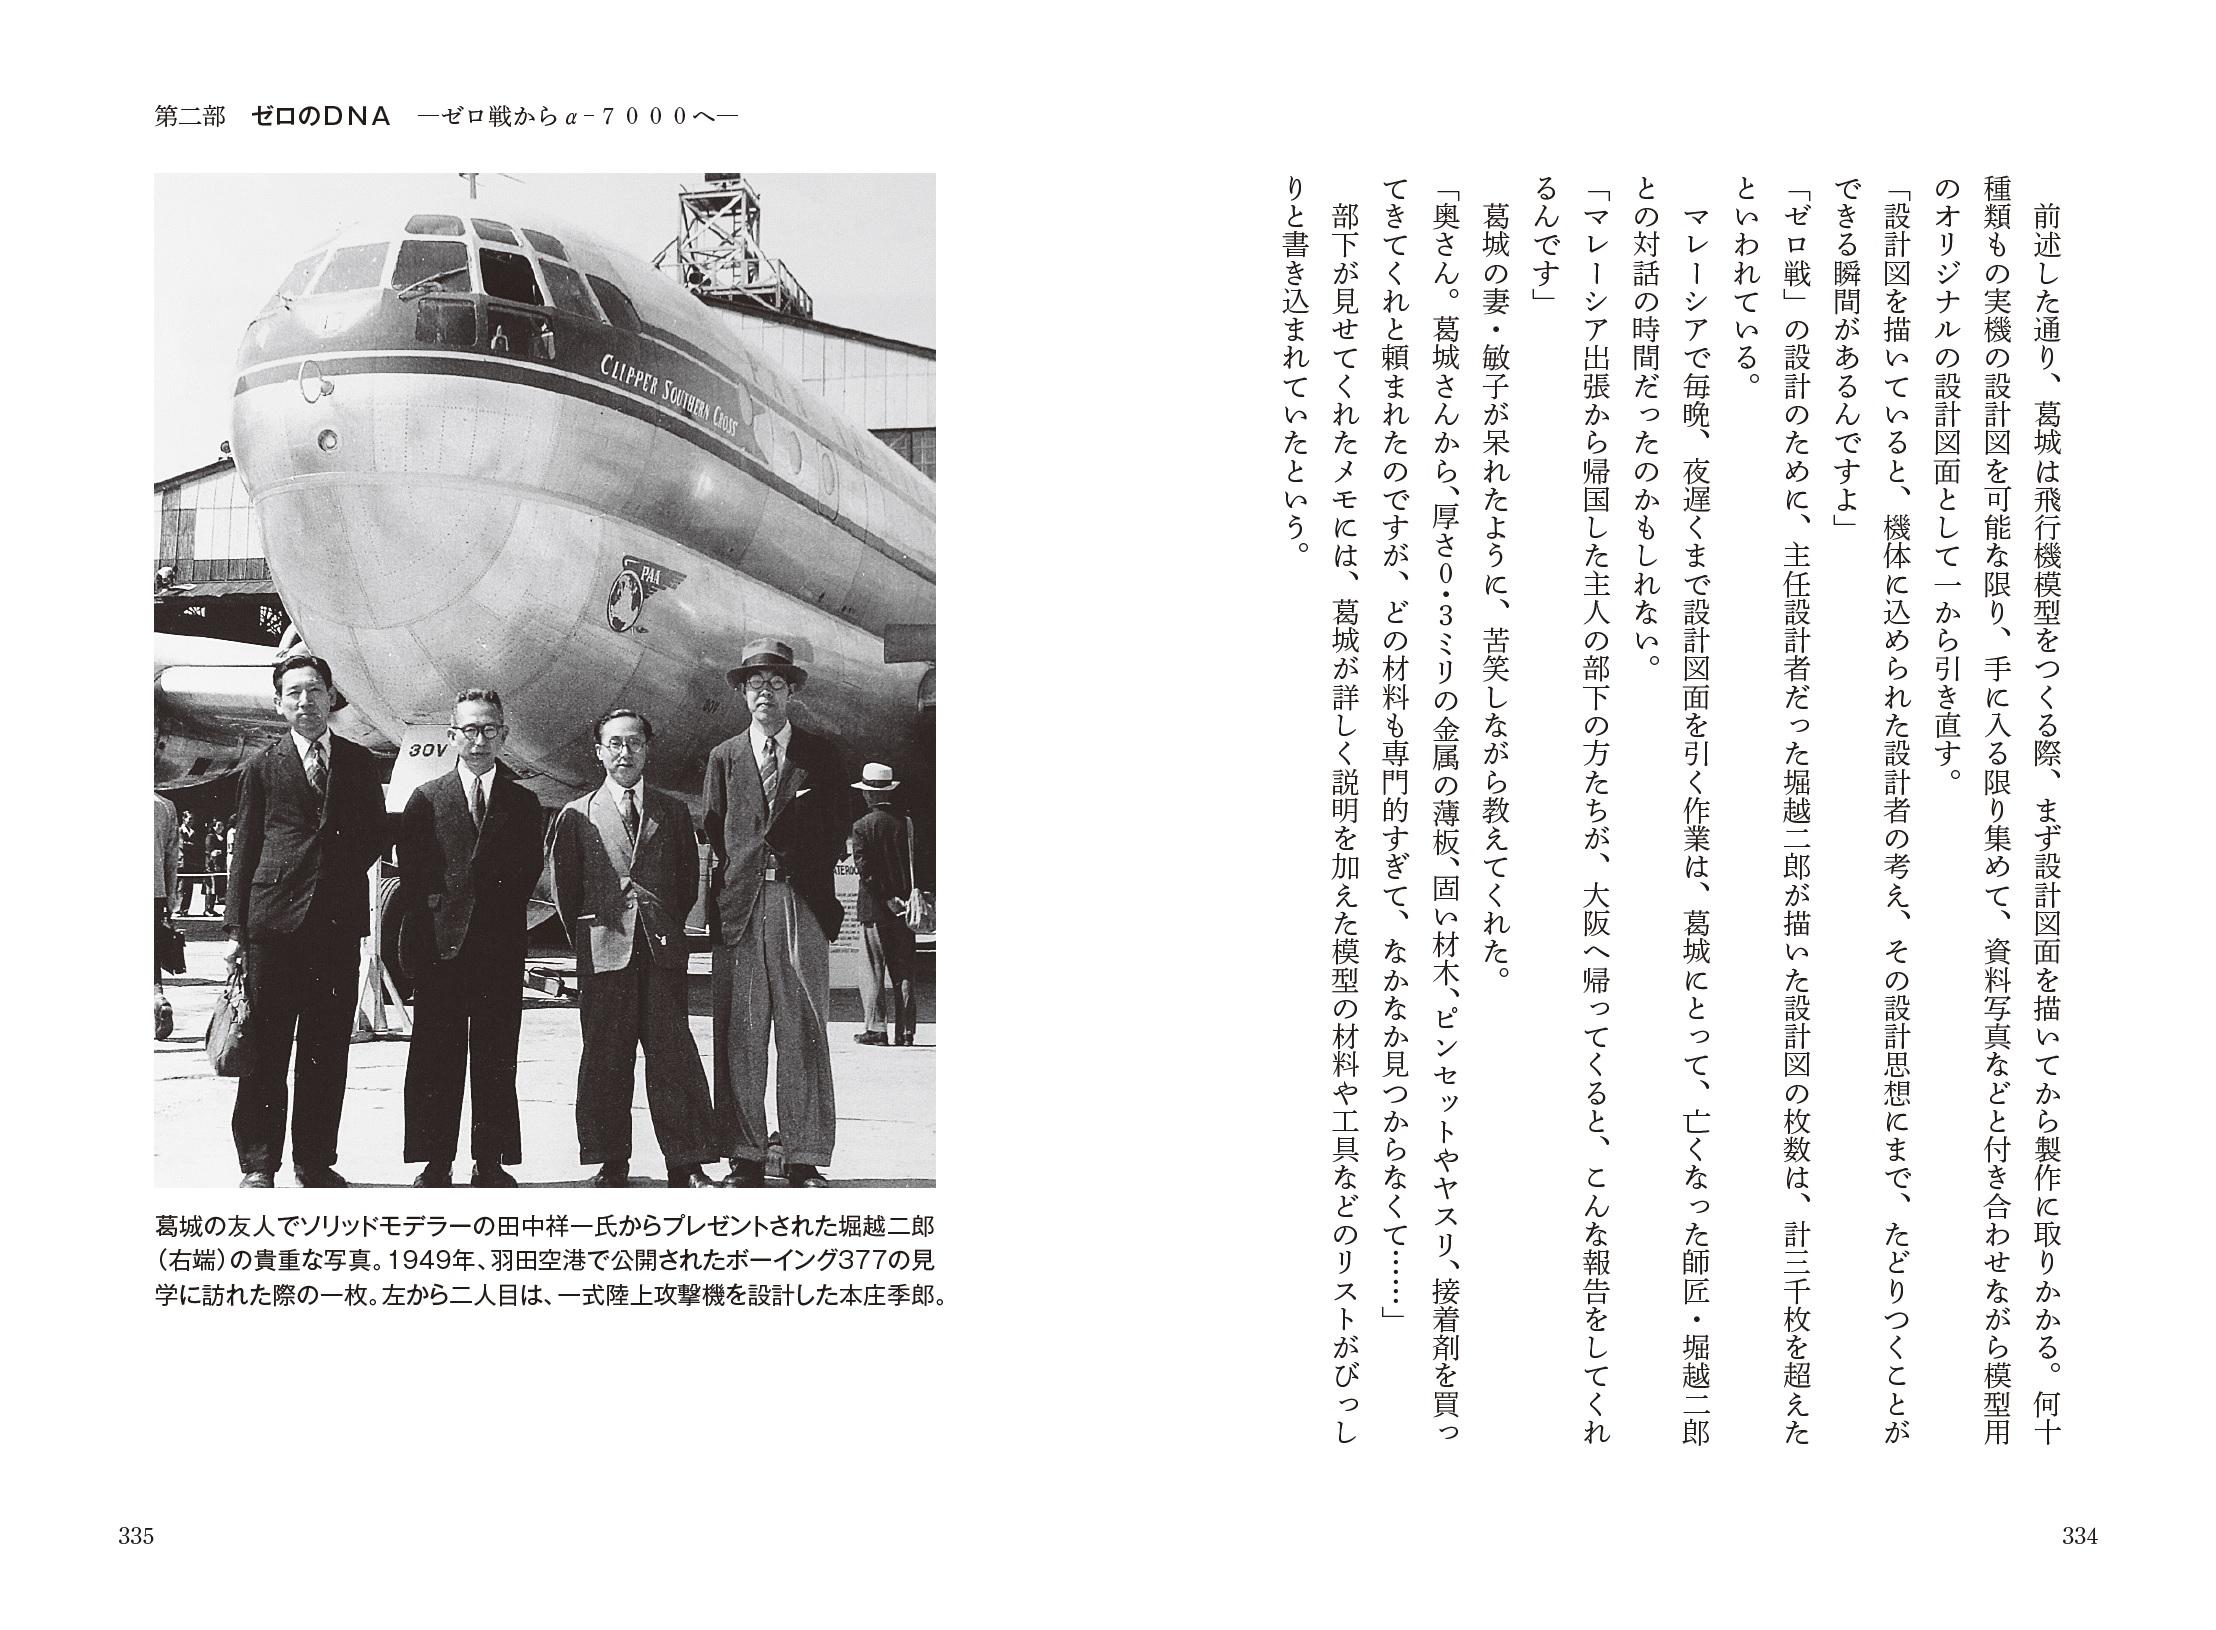 「ボーイング377の見学に訪れた堀越二郎」紙面